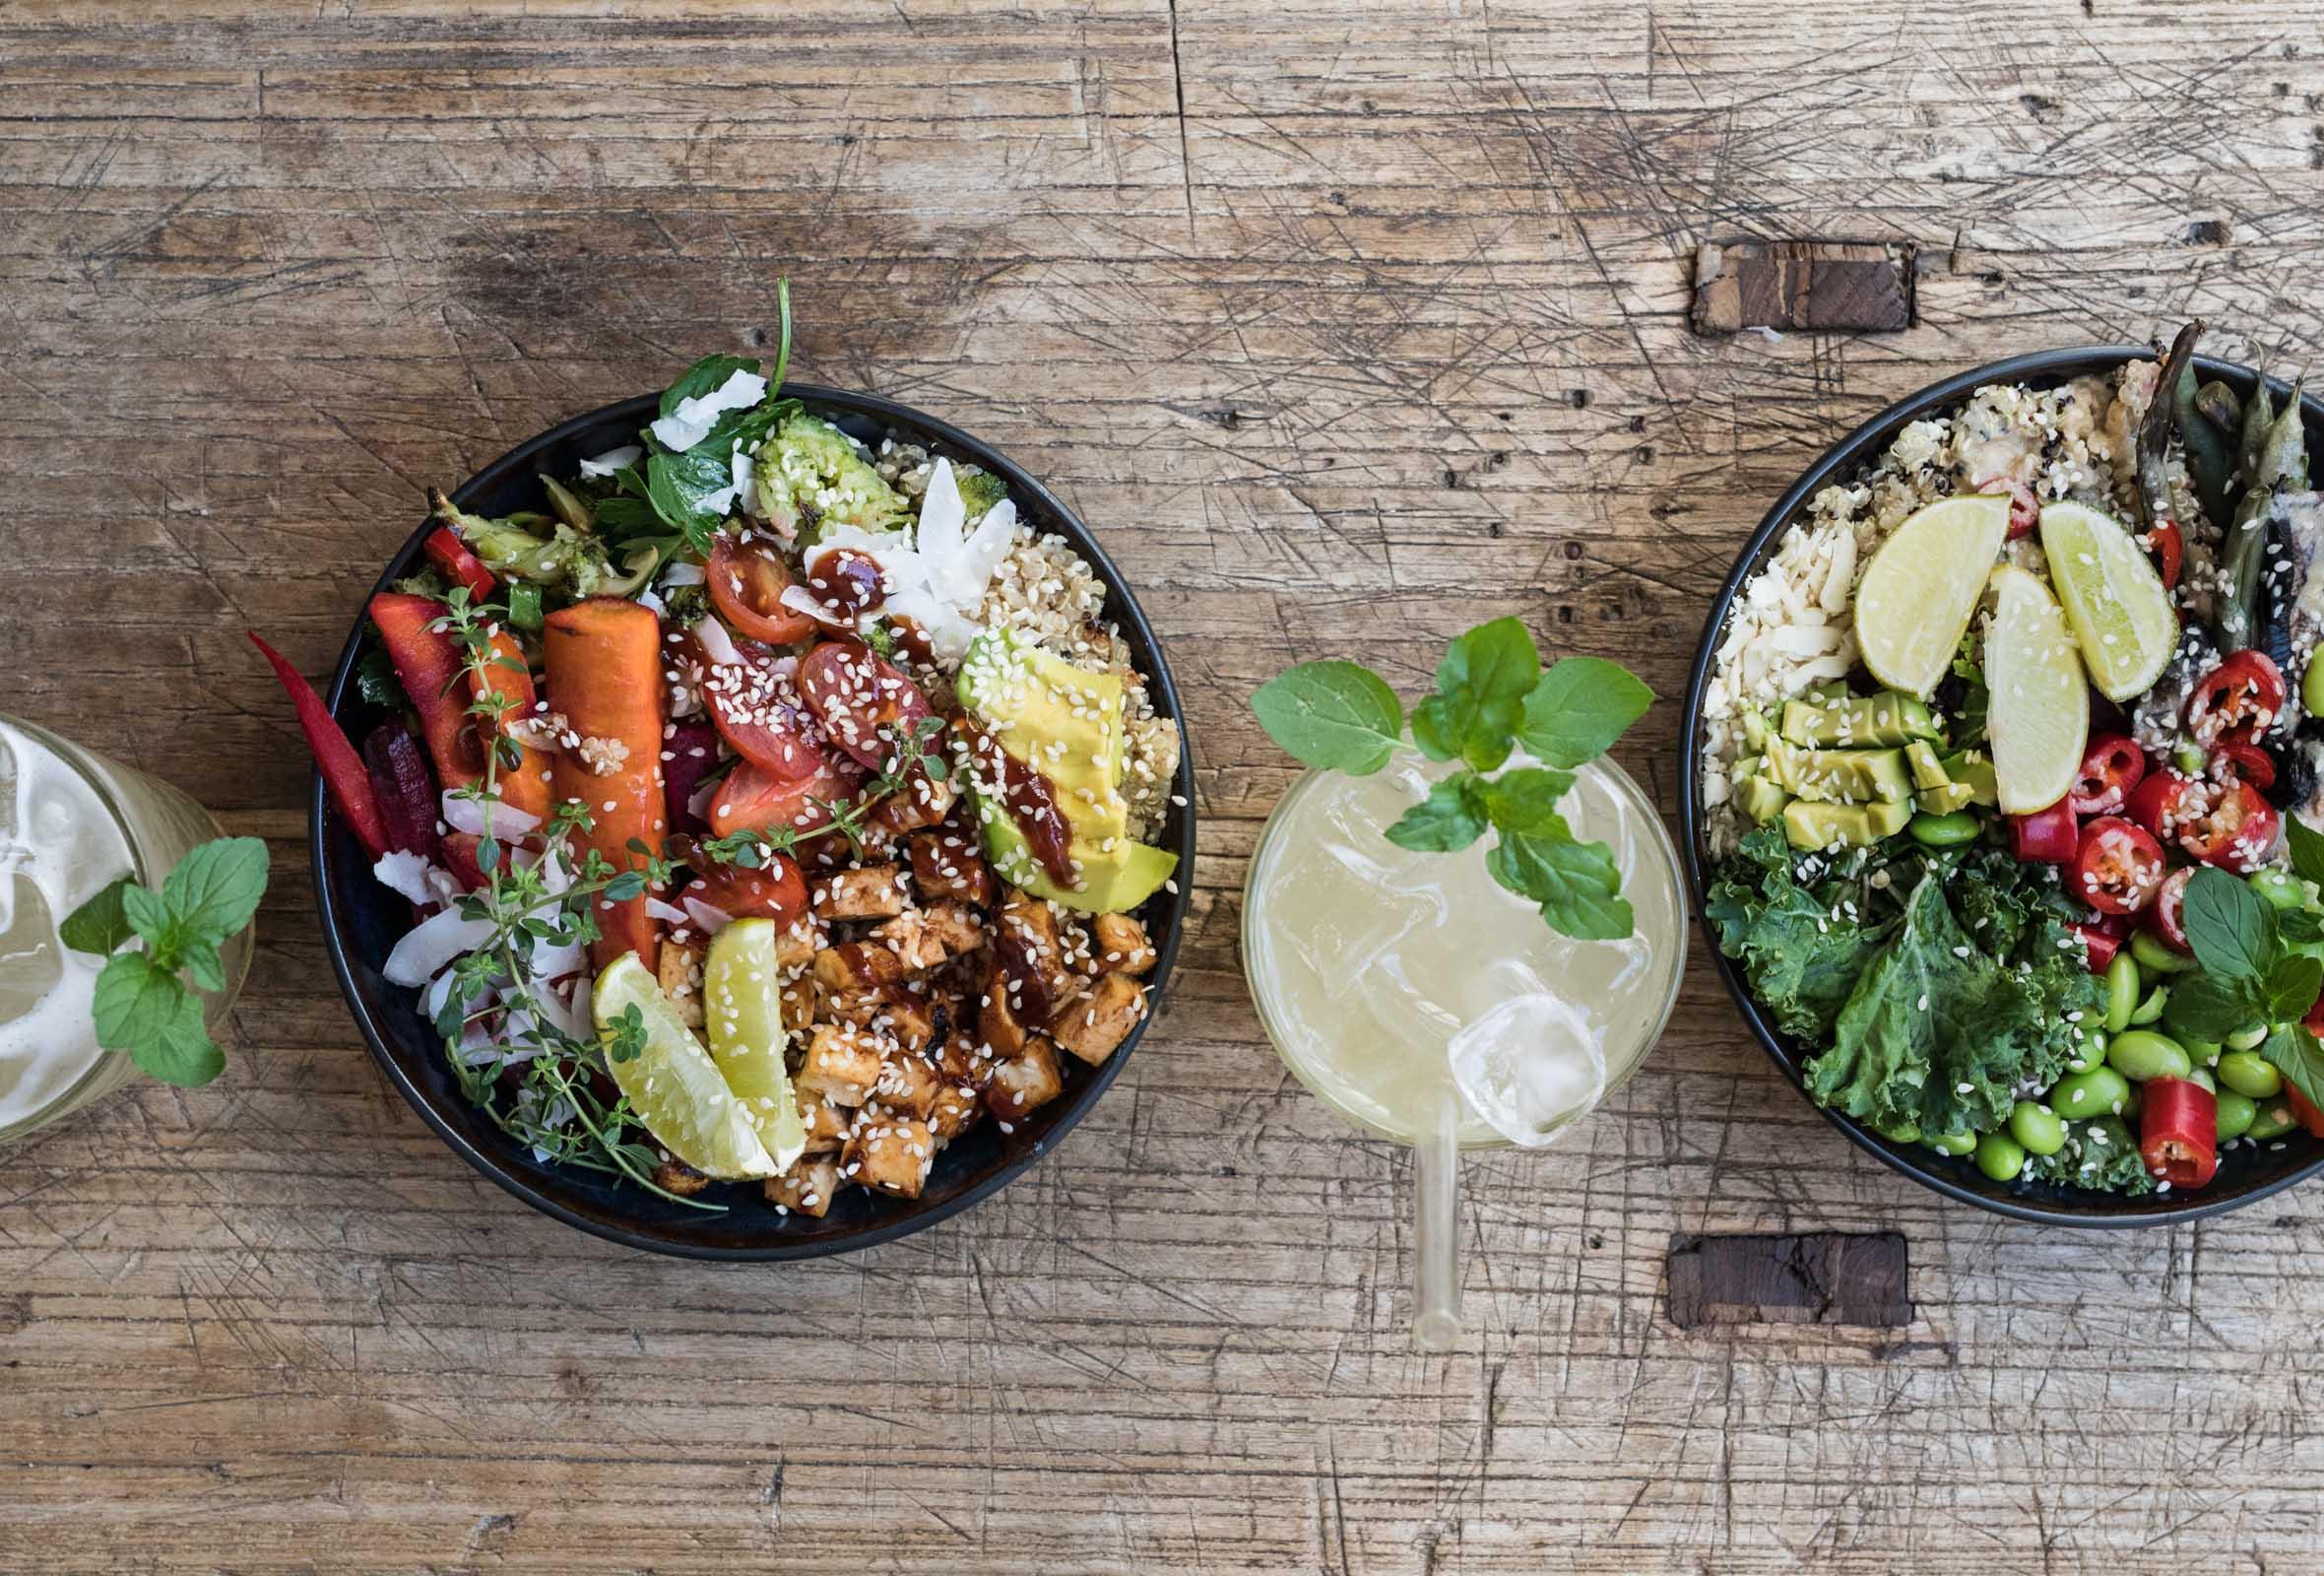 2 superfood bowls + 2 drikke hos Hope i Indre By – Nyd bohemian vibes og vilde veganske bowls serveret i solskin og dagligstuehygge